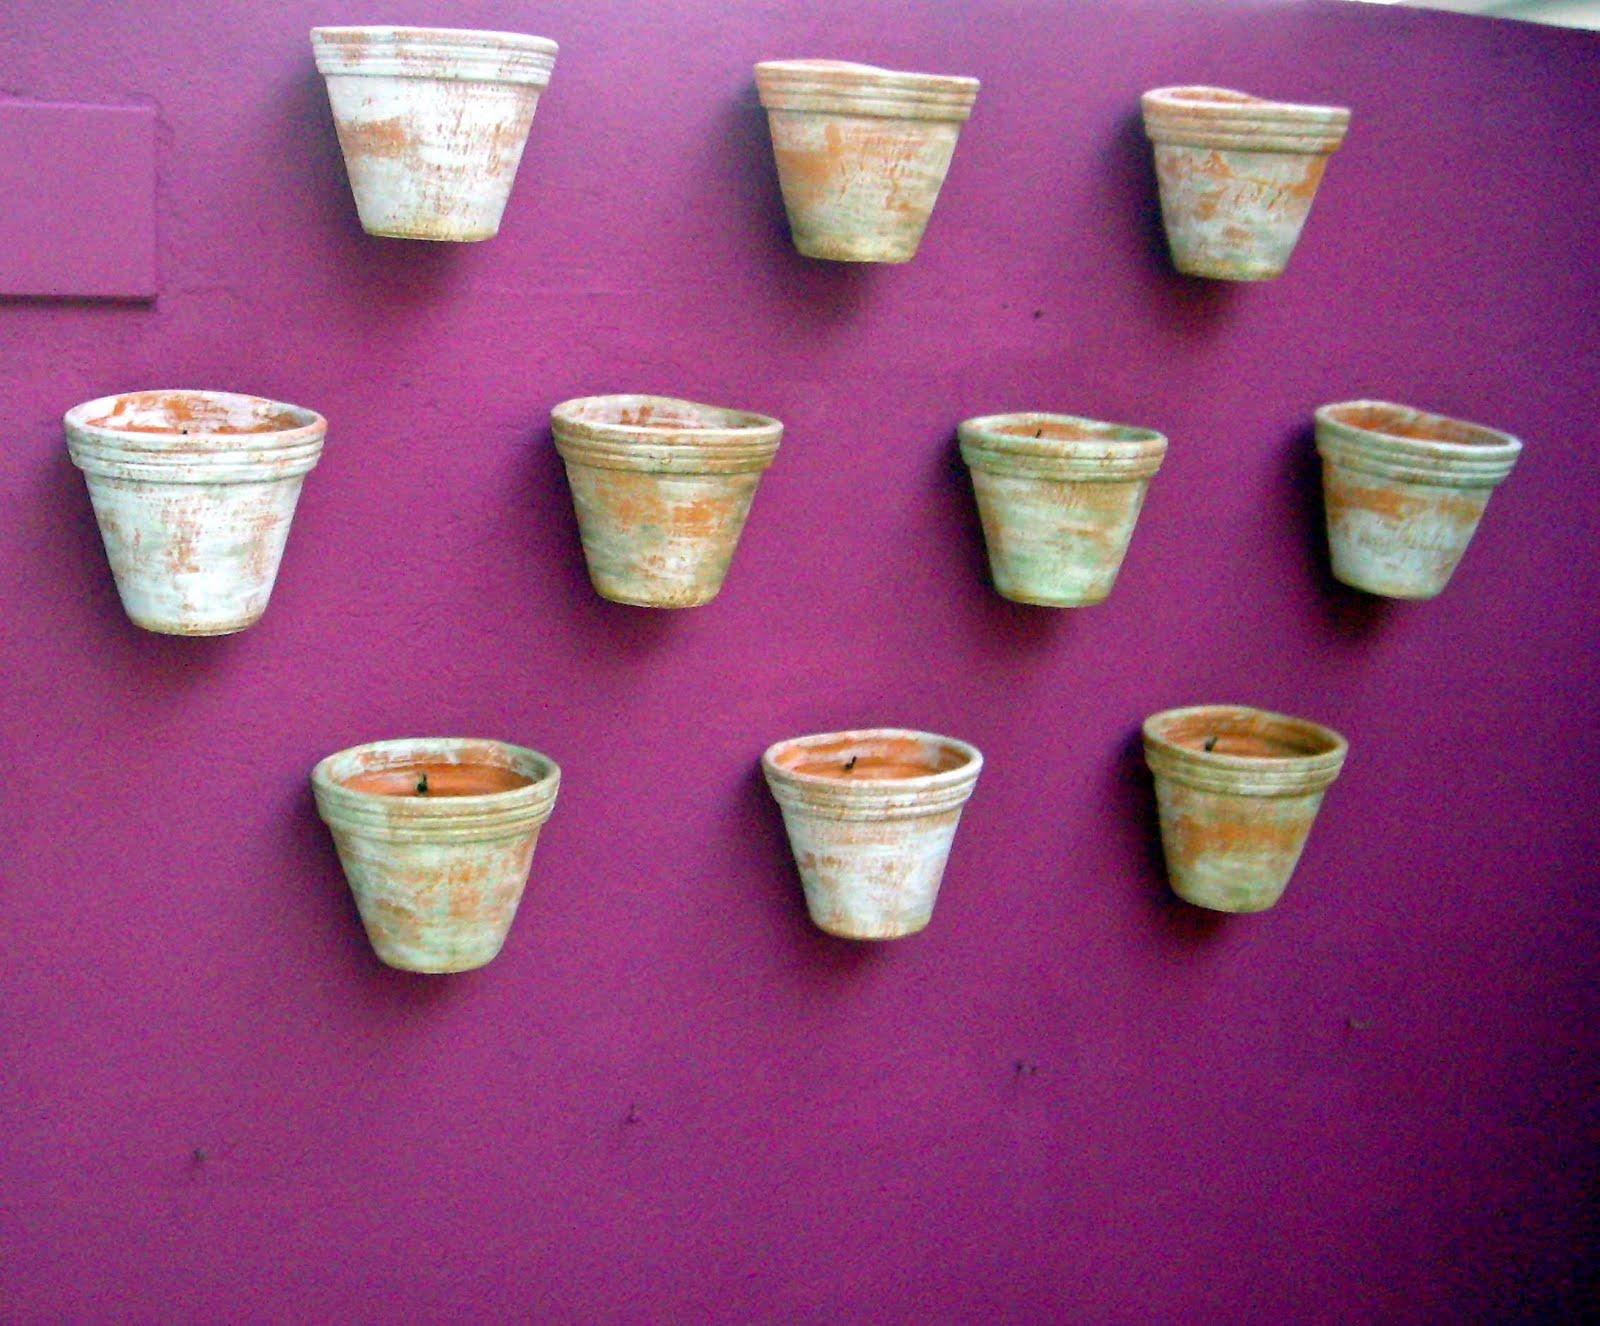 mini jardim de parede:que tal usar canecas no lugar de vasos?